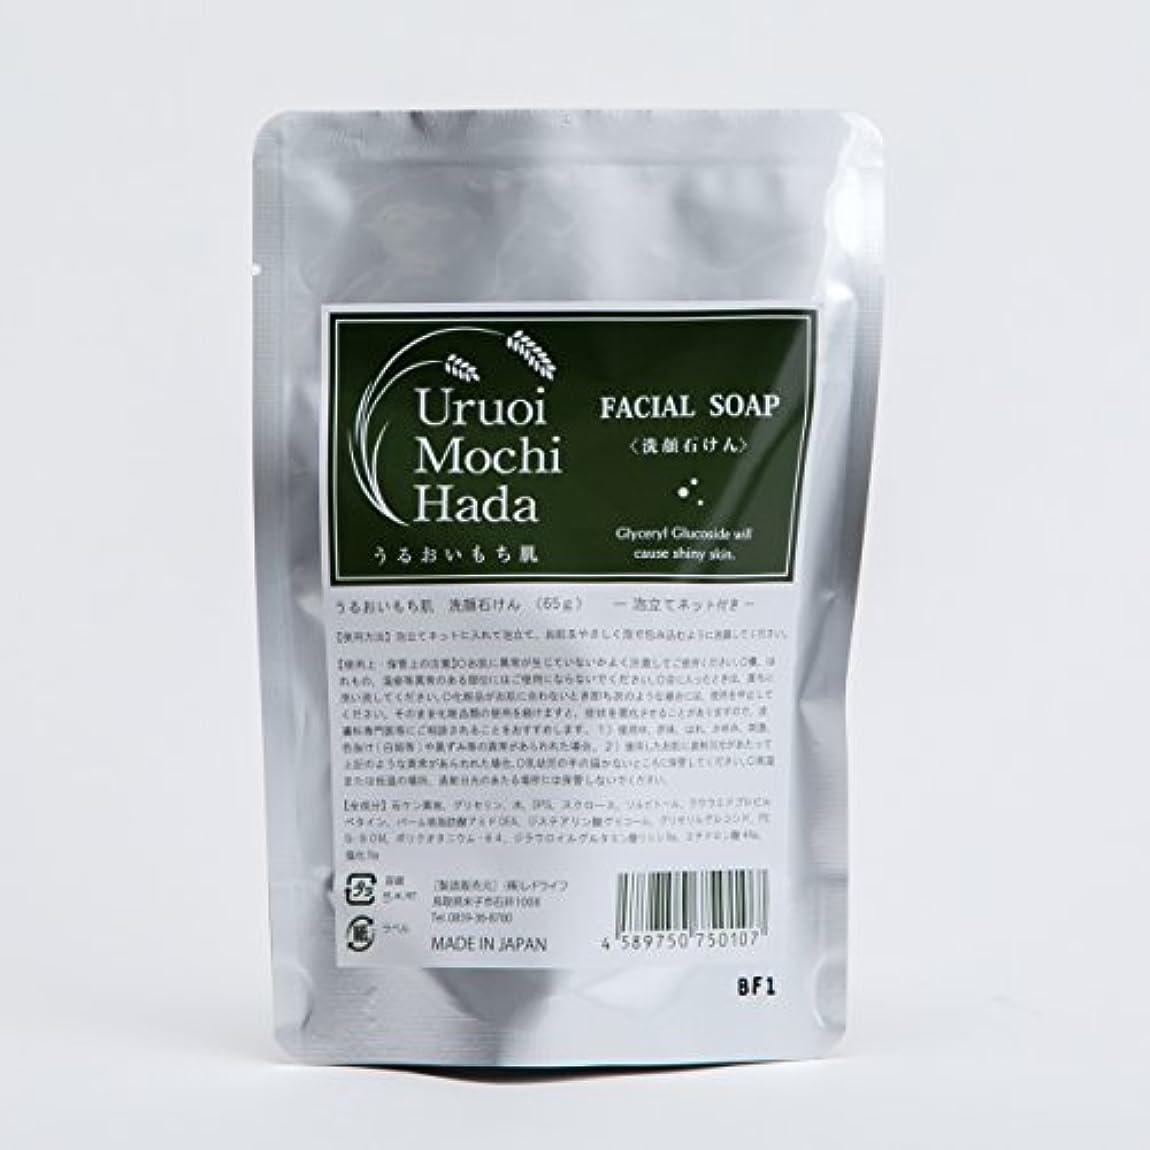 うぬぼれたトランスミッション近傍うるおいもち肌 洗顔石けん(泡立てネット付き) 65g 「日本酒保湿成分(グリセリルグルコシド)配合」「4種の天然成分配合:グリセリン、スクロース、ソルビトール、食塩」「無添加:合成香料、合成着色料、鉱物油、シリコン、酸化防止剤、紫外線吸収剤、防腐剤、アルコール」